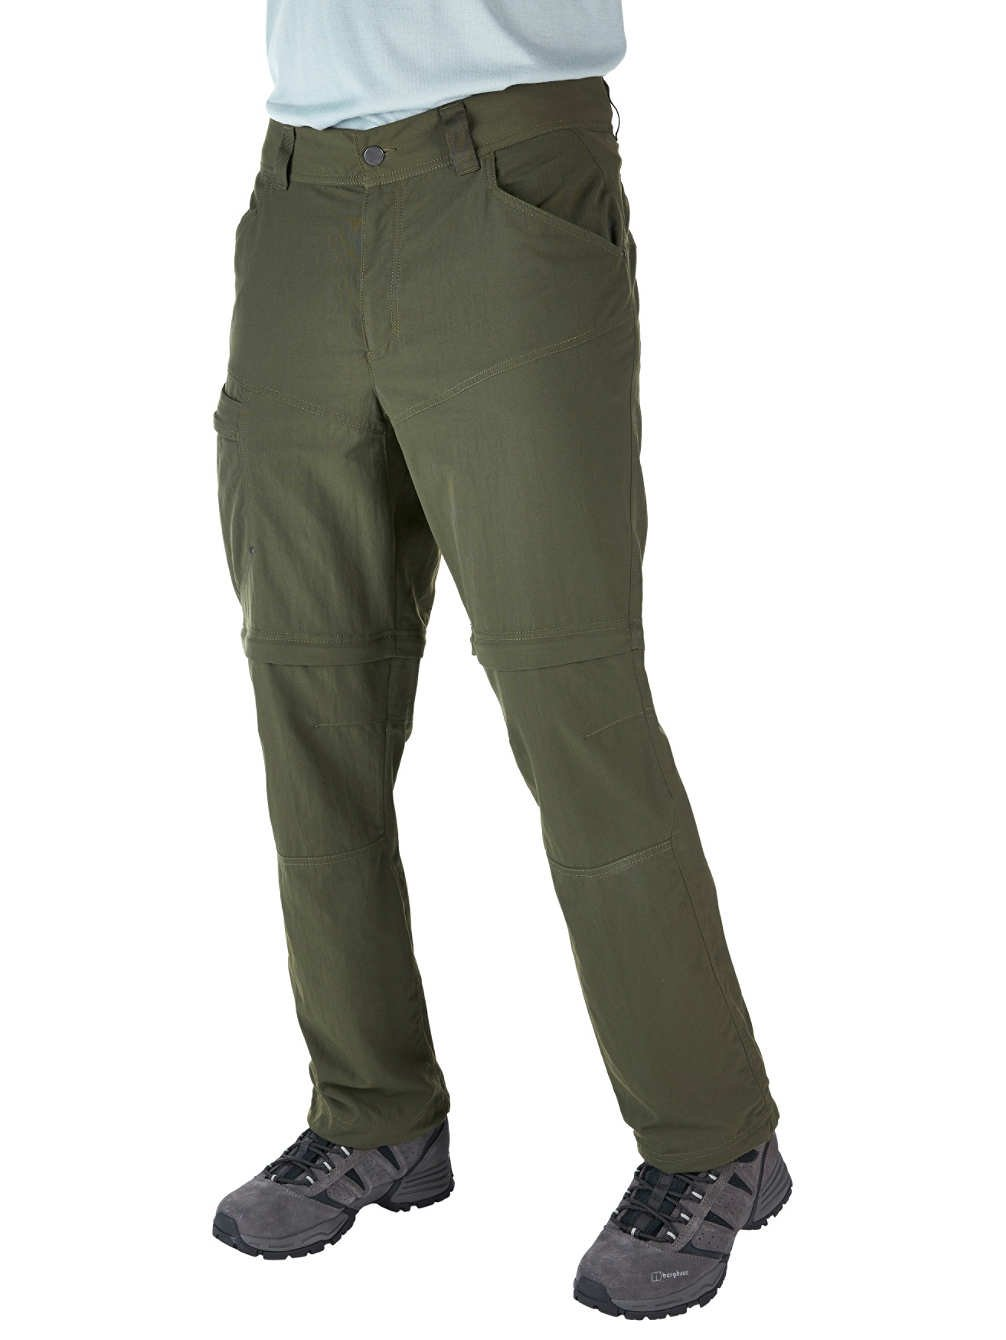 Berghaus Herren Wanderschuhe Explorer Eco Woven Pants mit abzipbaren Beinen